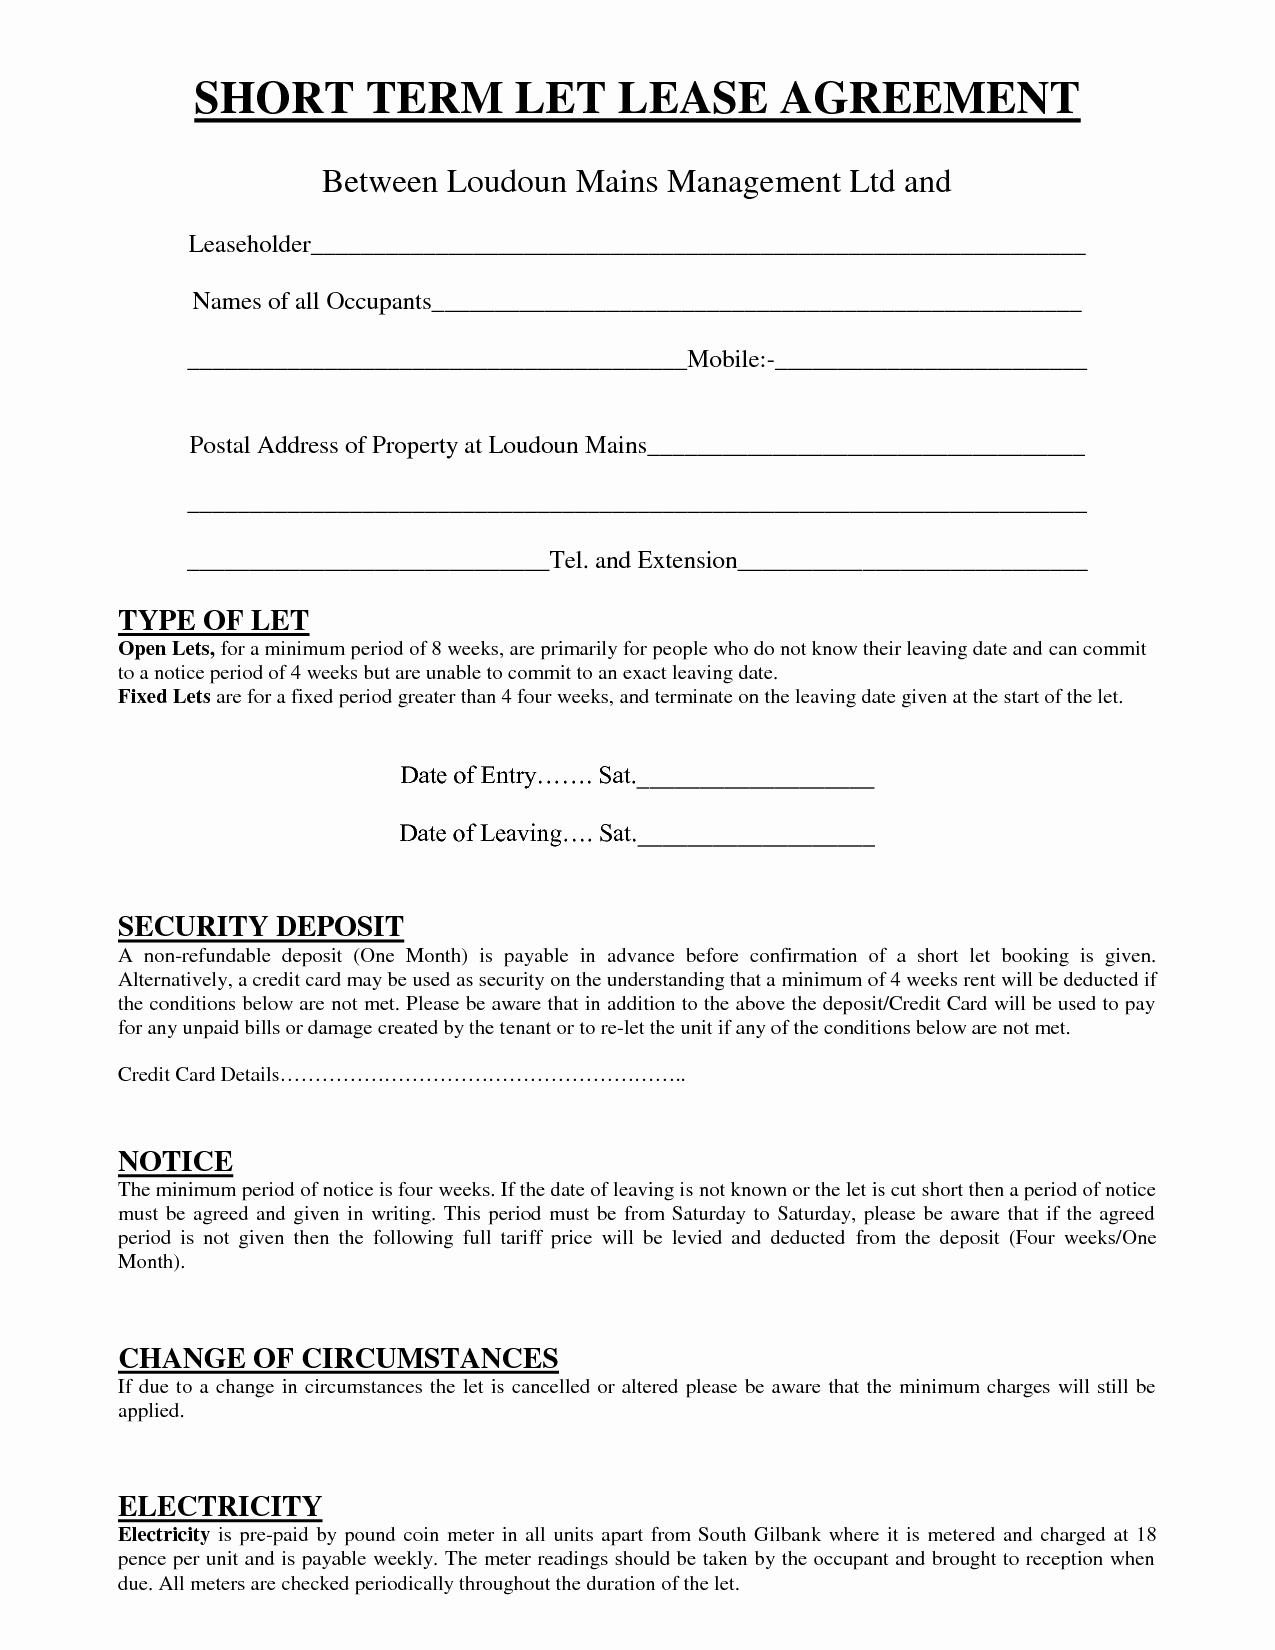 Short Term Rental Agreement Template Unique Short Term Rental Lease Agreement